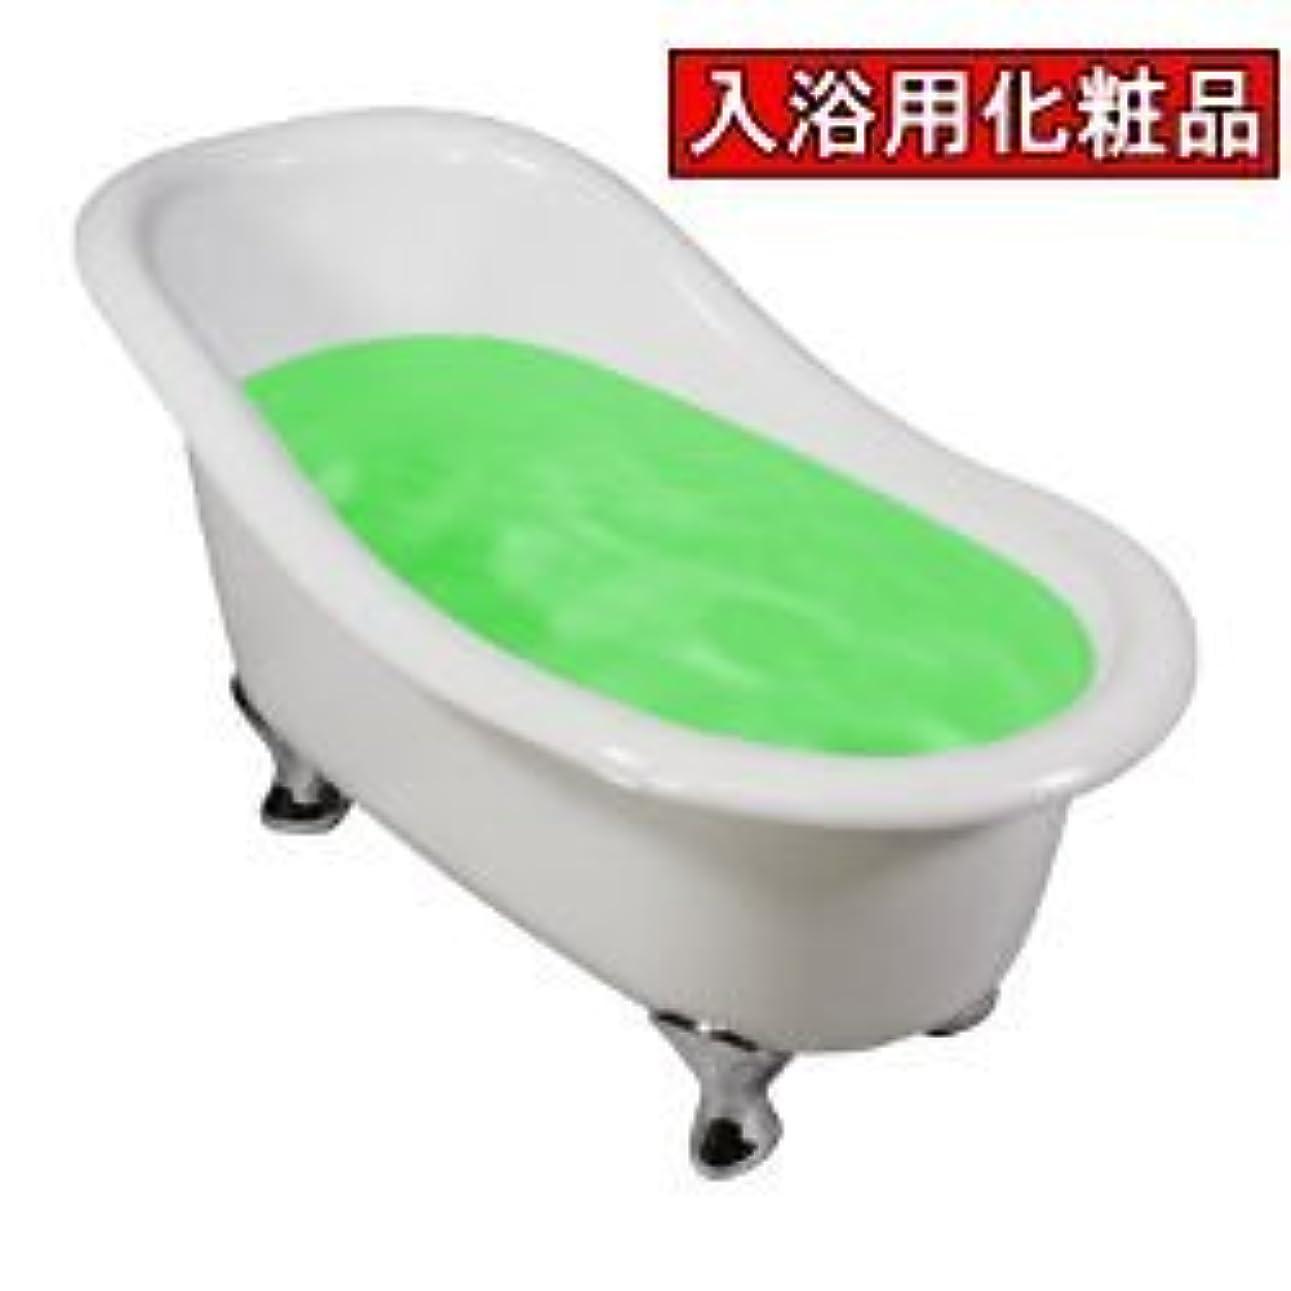 バース経験子孫業務用入浴剤イヴタス ヒアルロン酸 17kg 業務用サイズ